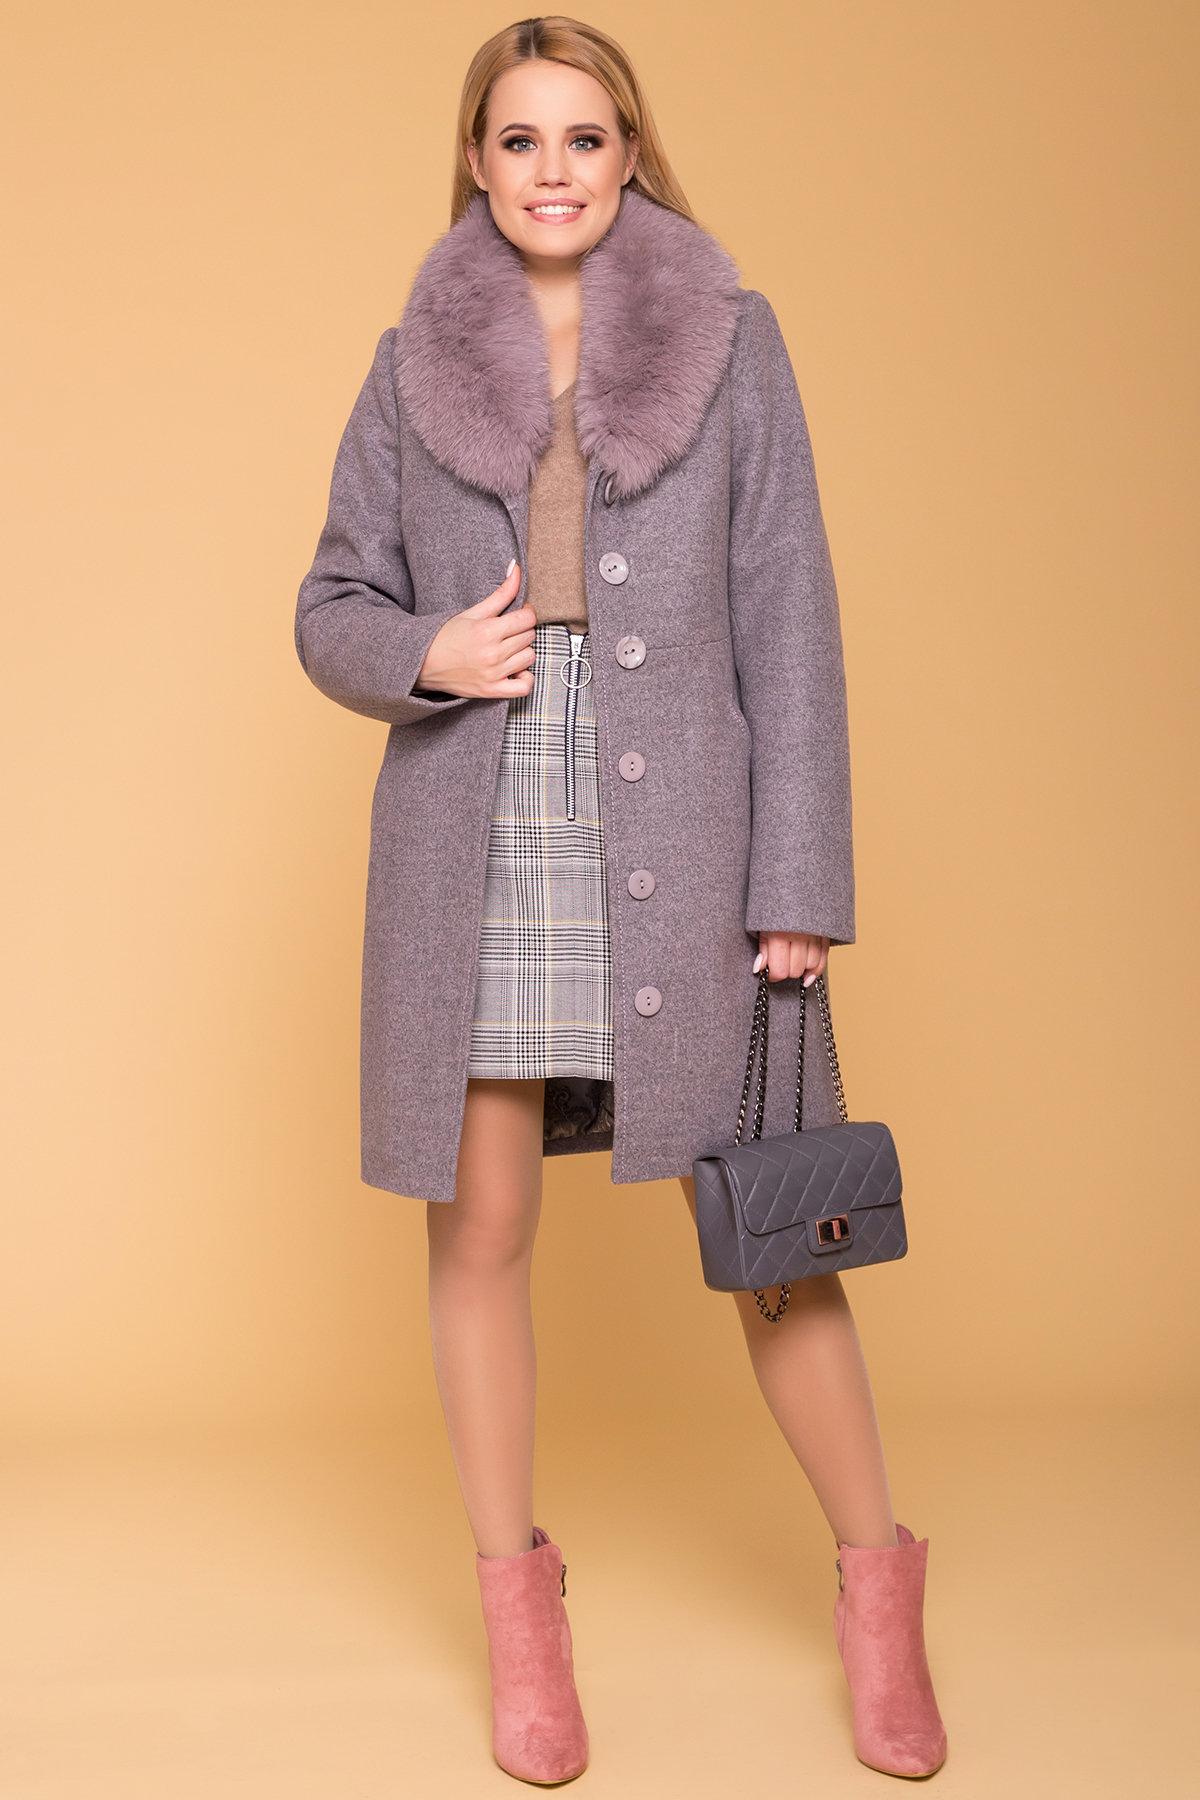 Пальто зима Камила 5611 АРТ. 40711 Цвет: Серо-розовый 19 - фото 3, интернет магазин tm-modus.ru